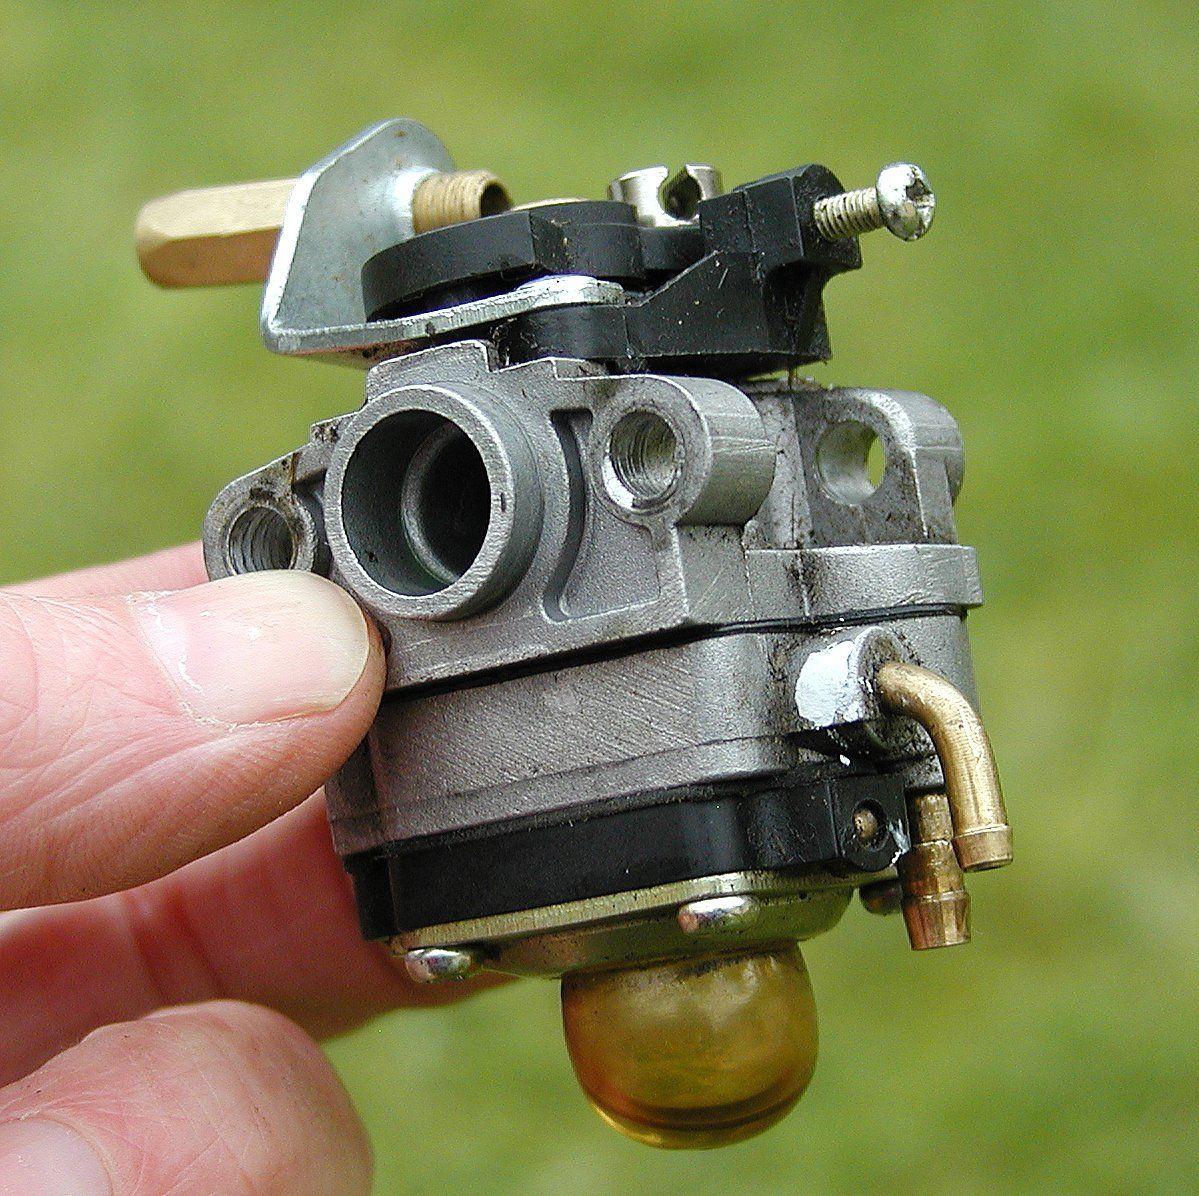 String Trimmer Won't Work - 2-Stroke Engine and Carburetor